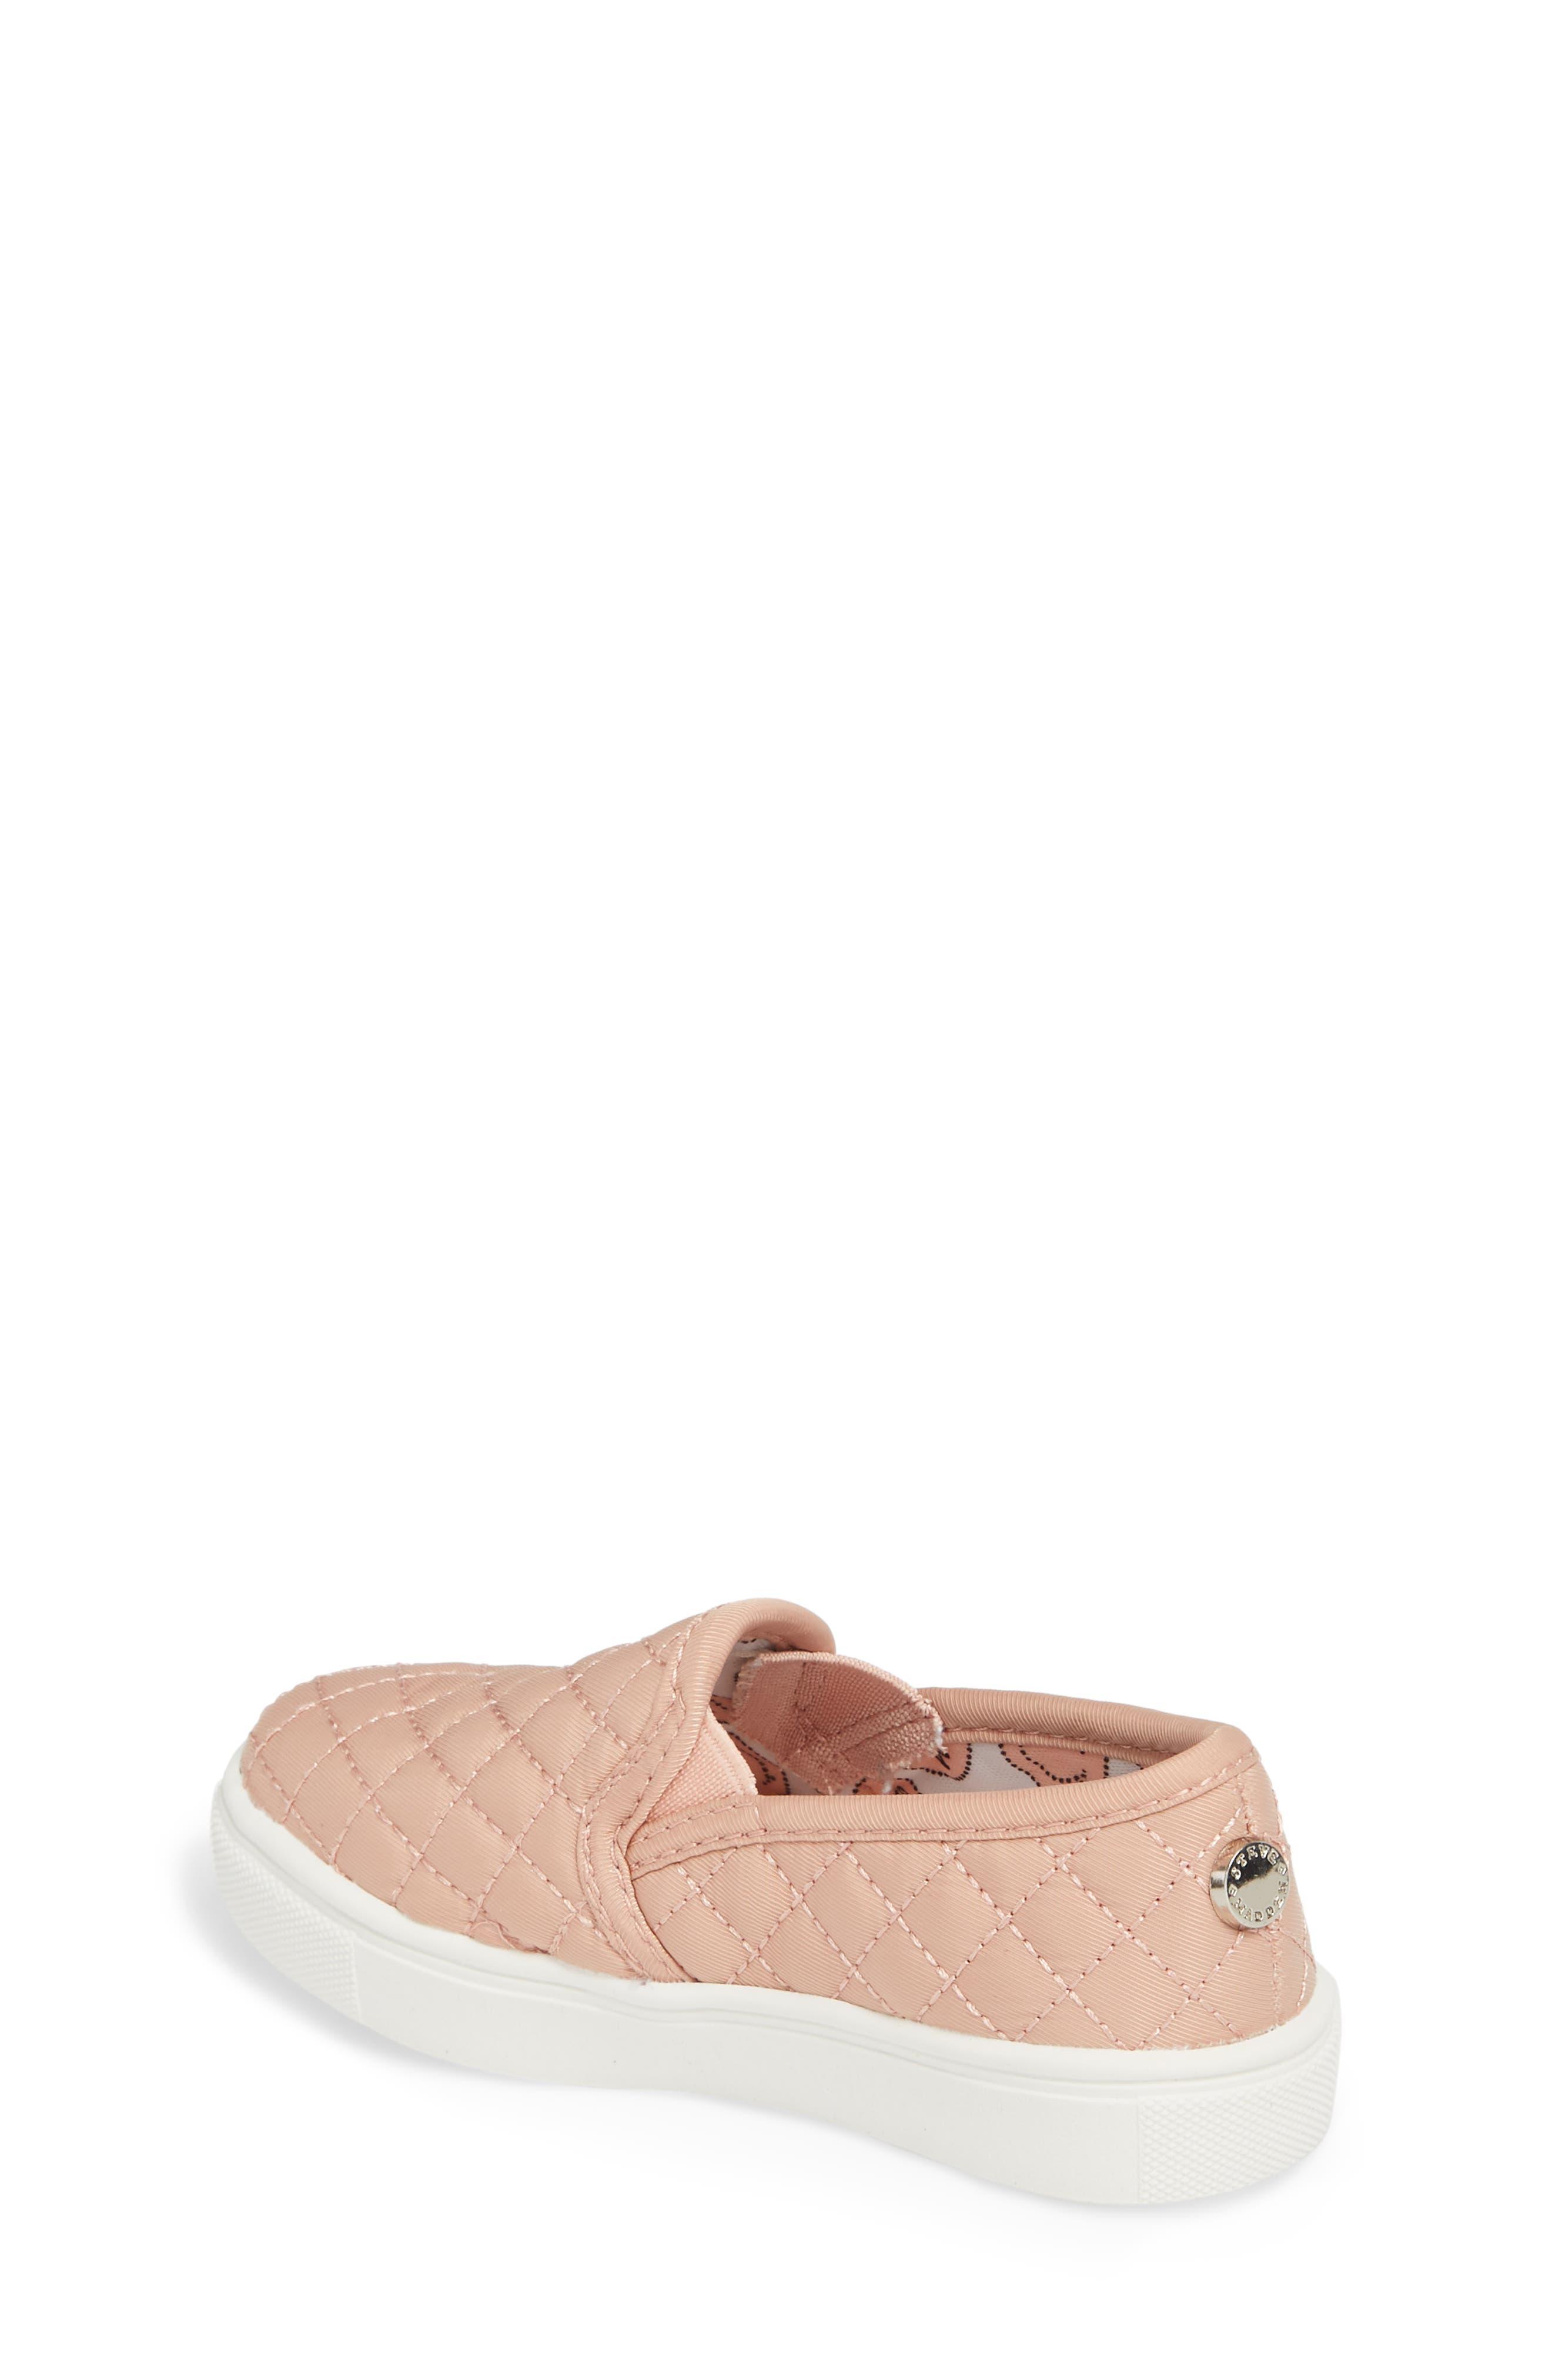 Alternate Image 2  - Steve Madden Tecntrc Quilted Slip-On Sneaker (Toddler)